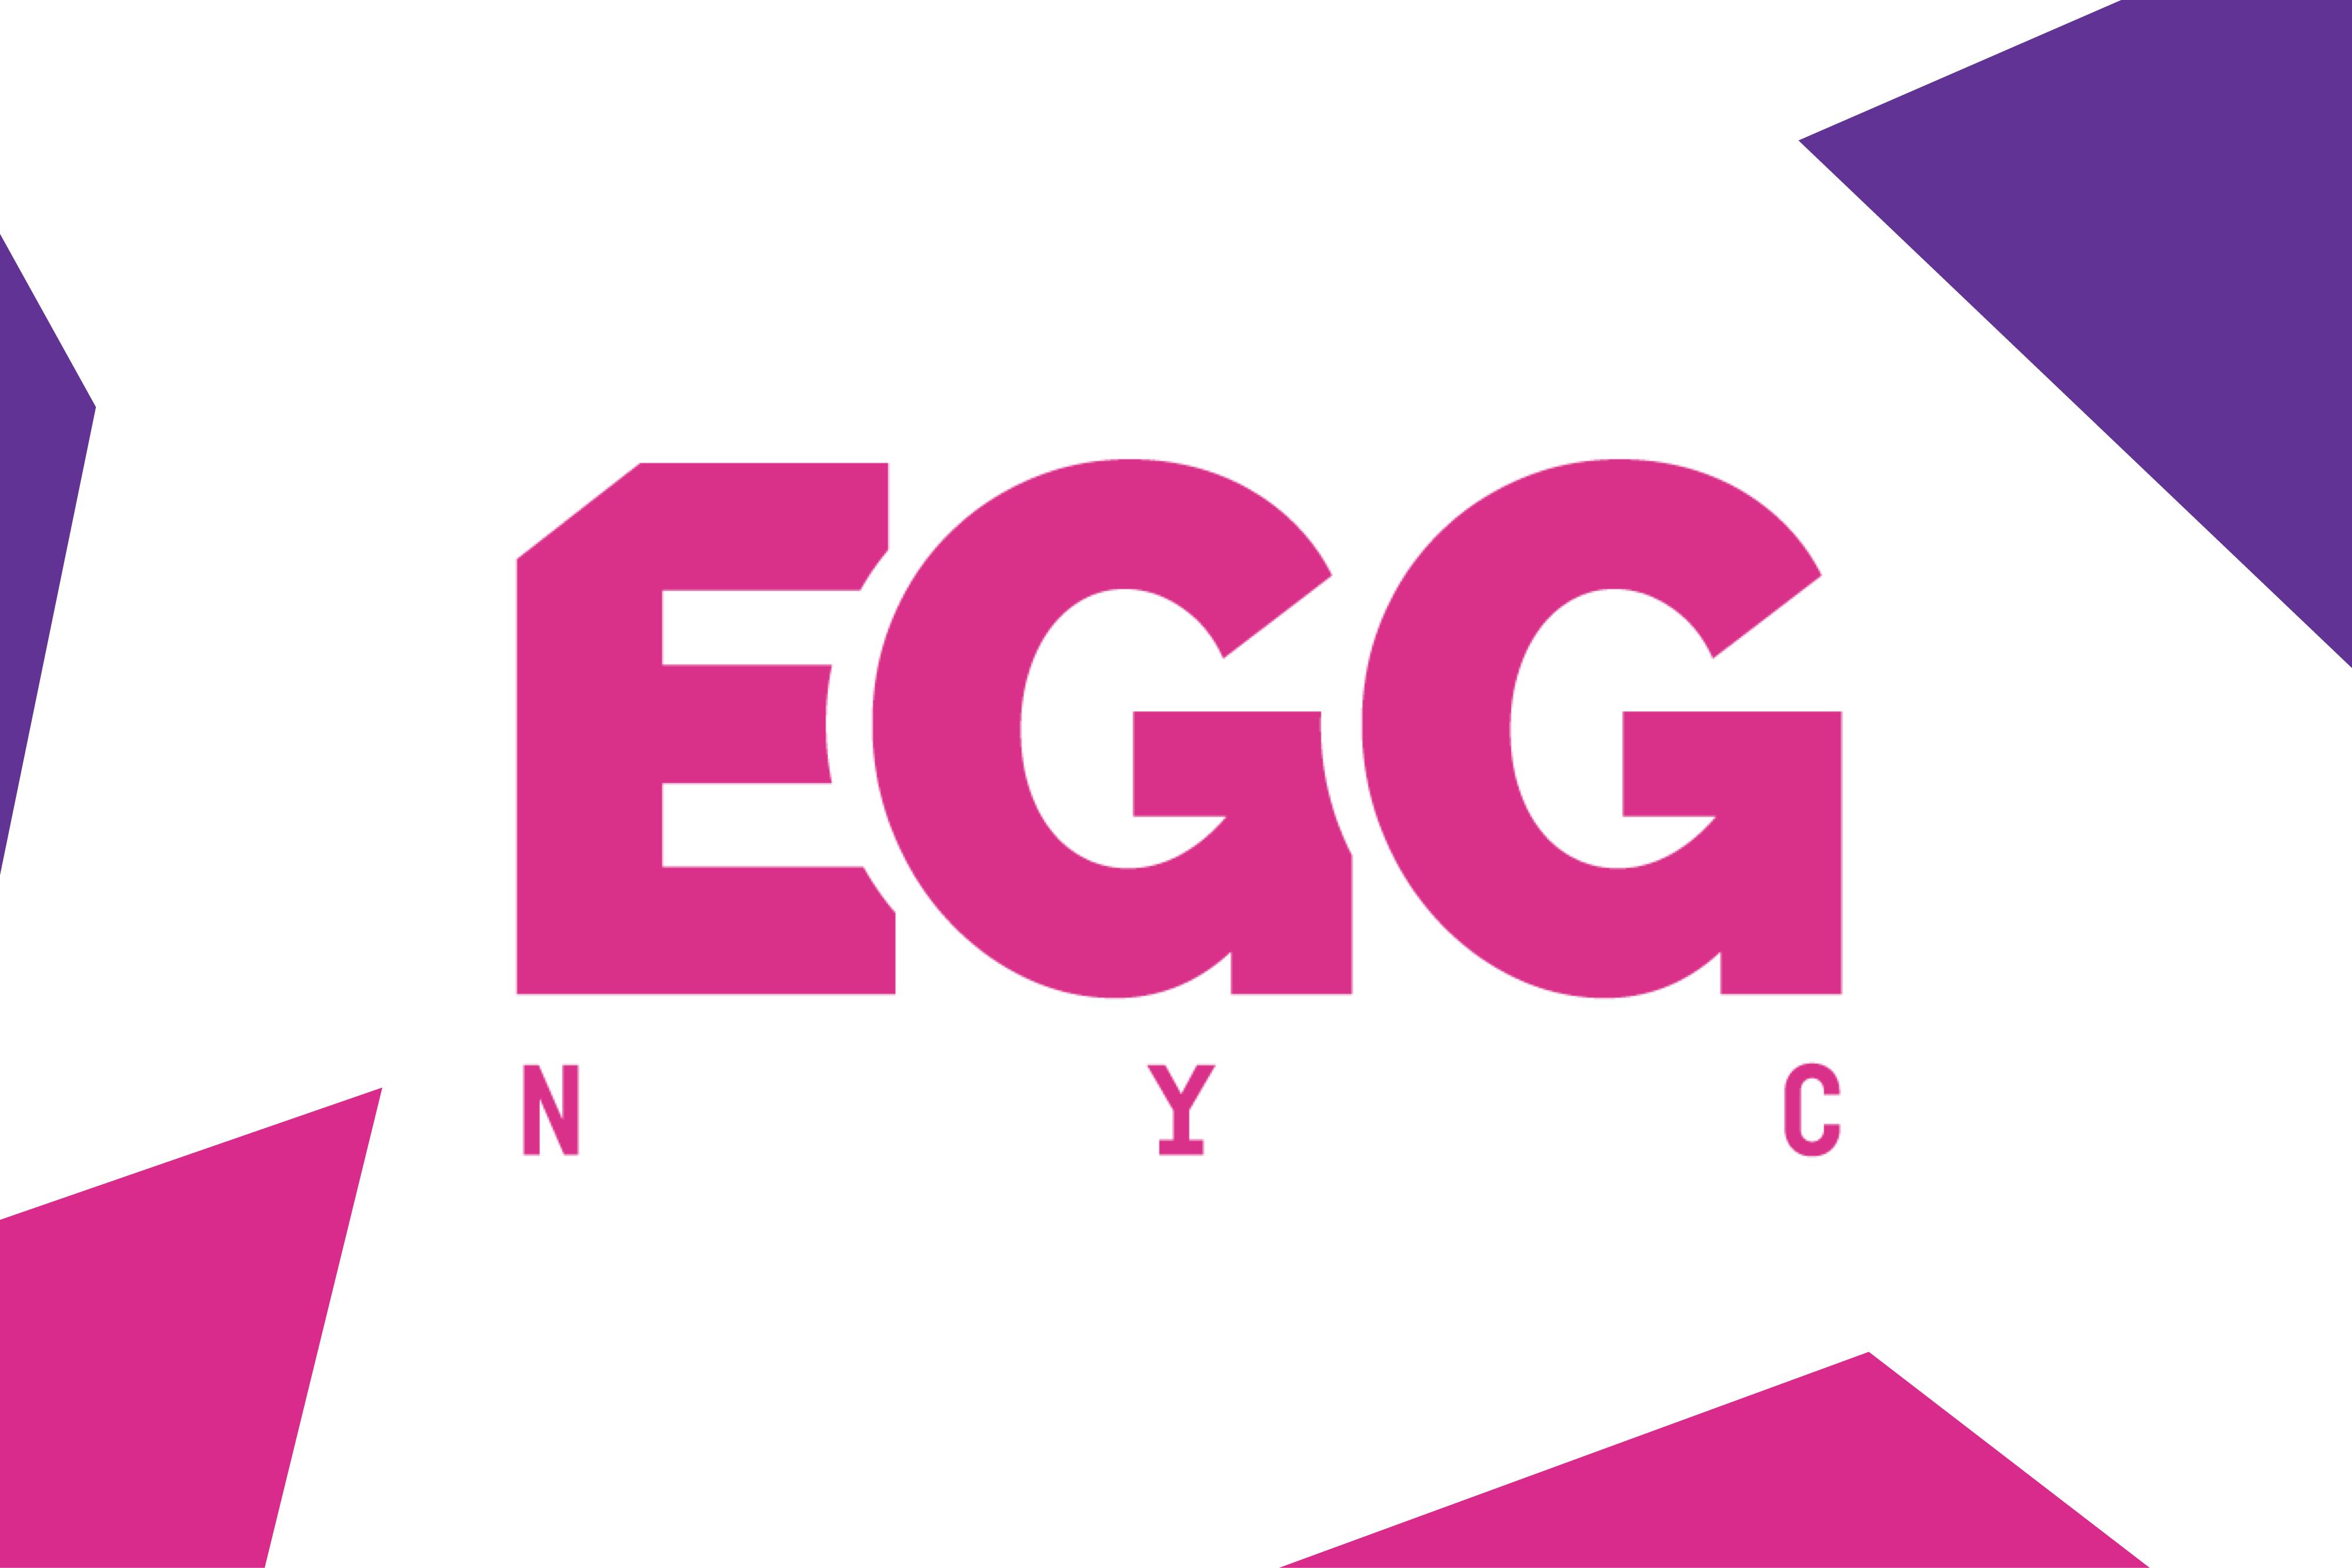 egg nyc